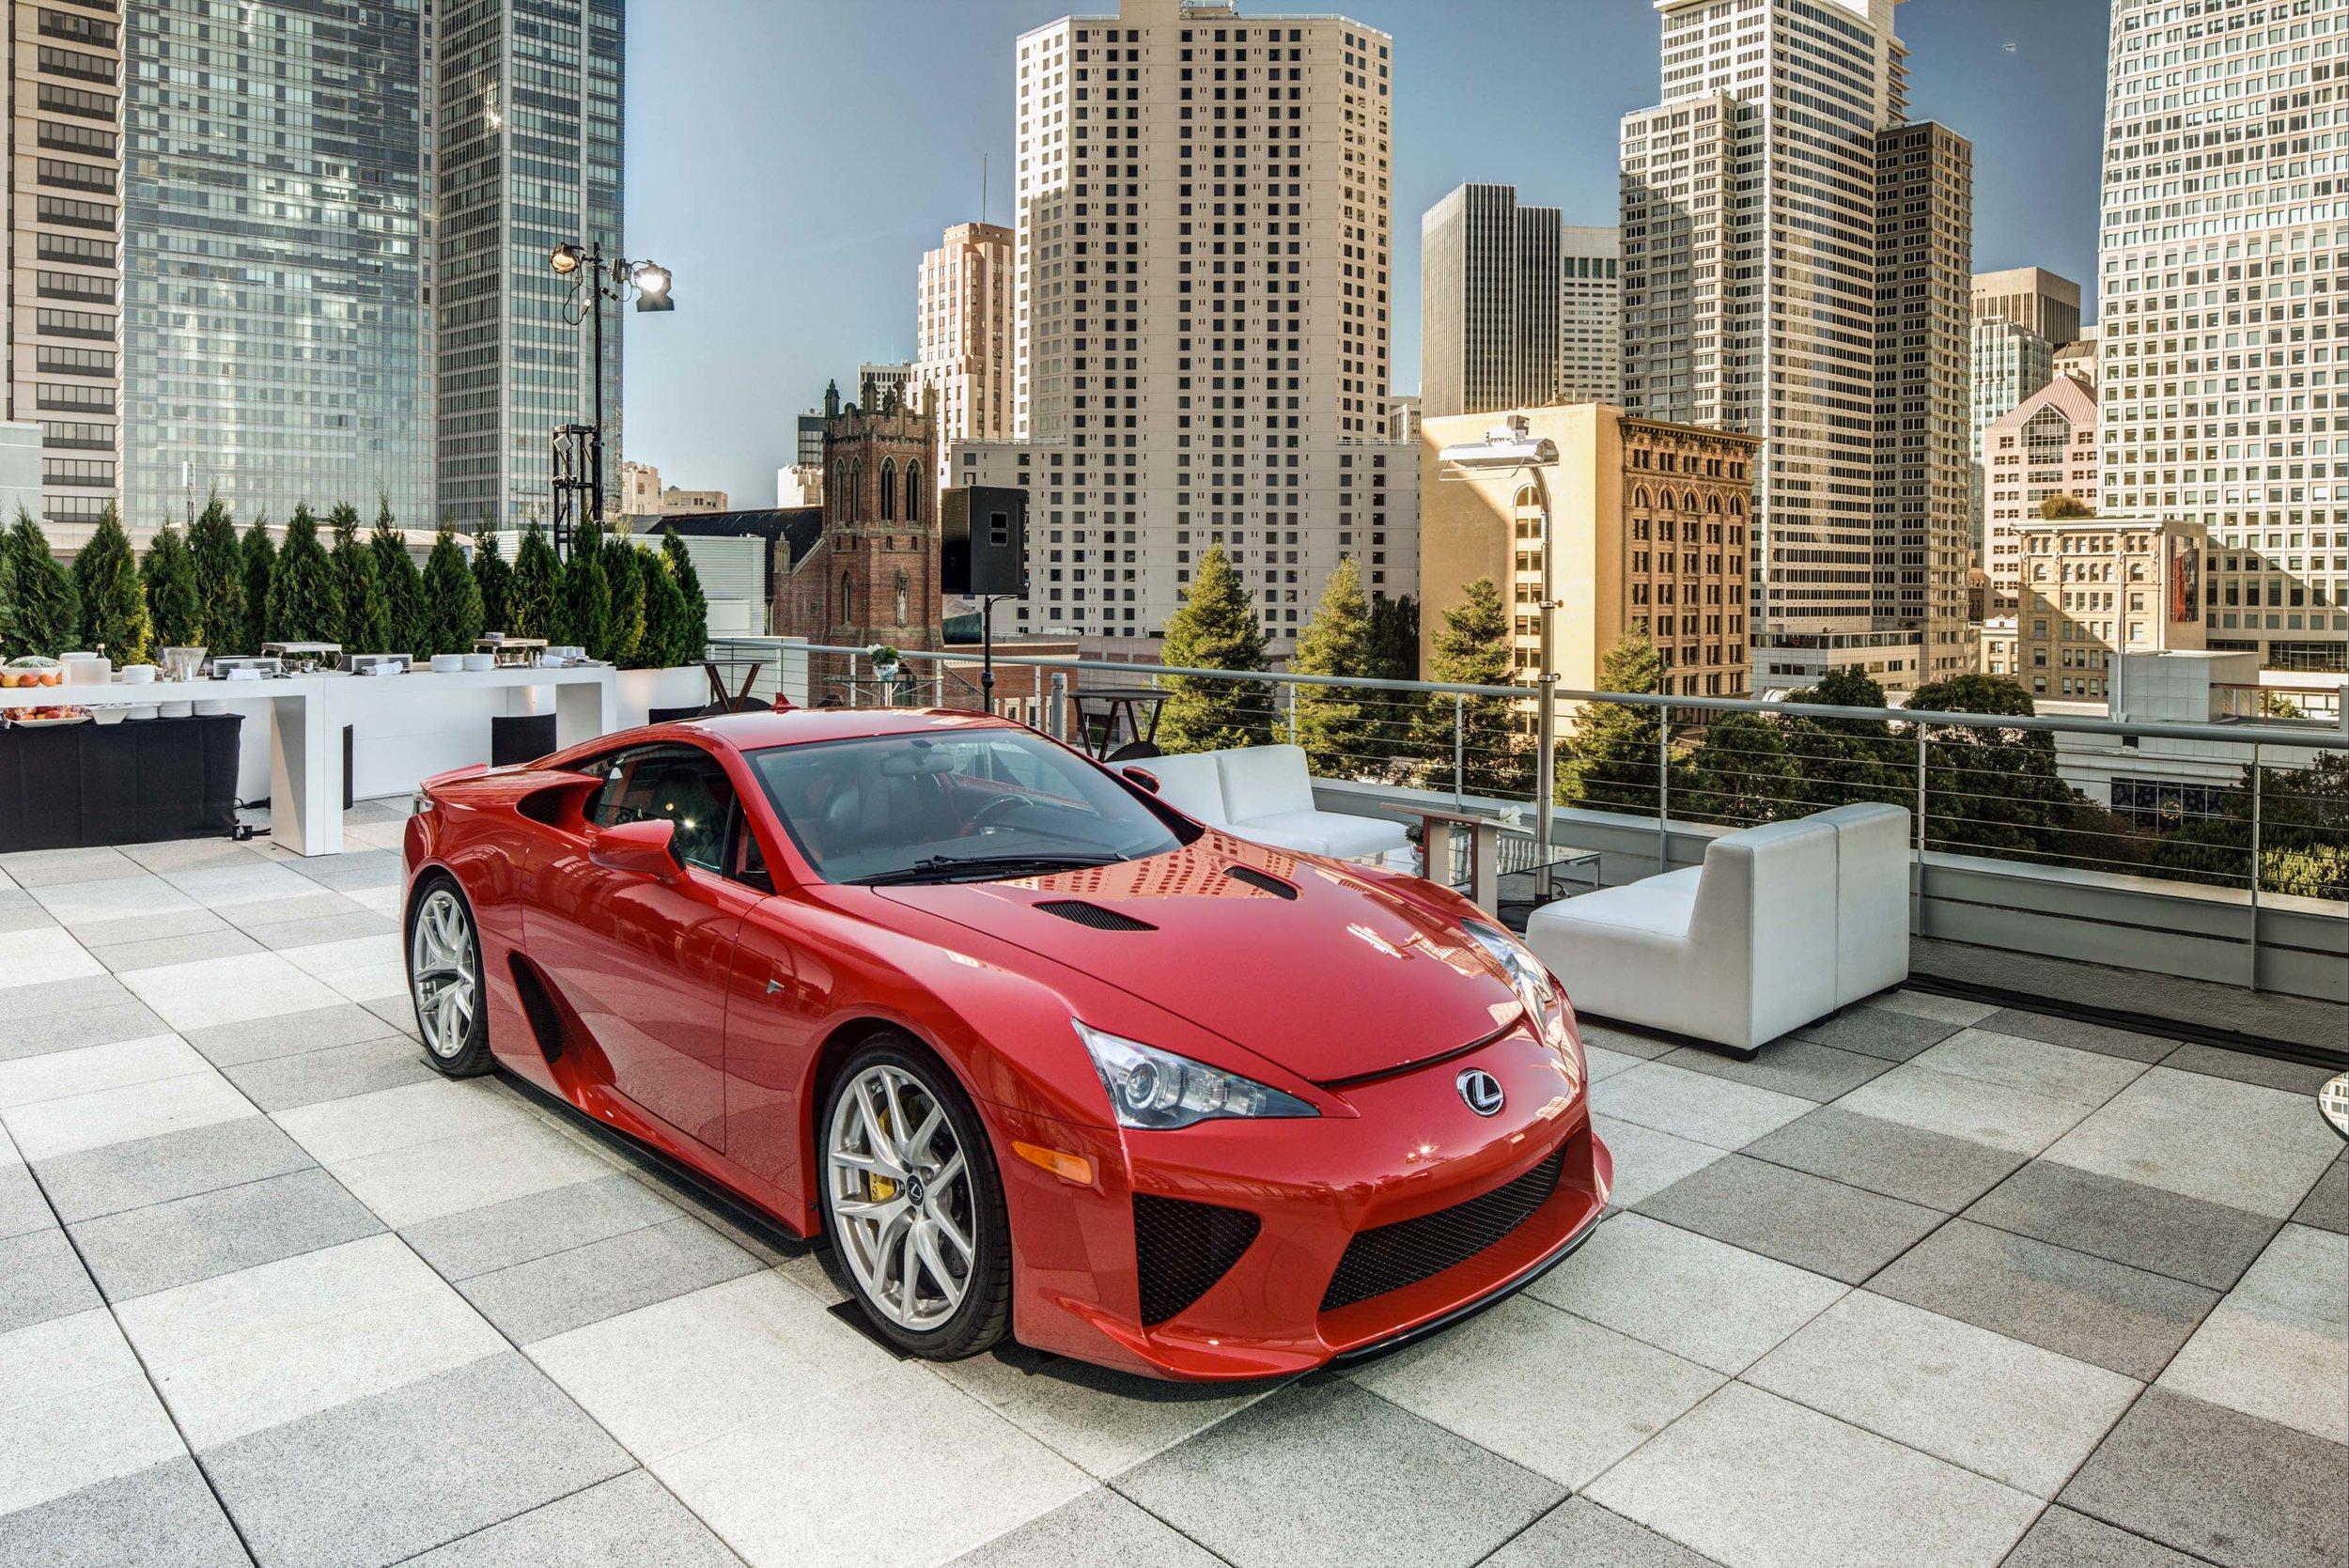 5257-Lexus-Reveal-120730.jpg